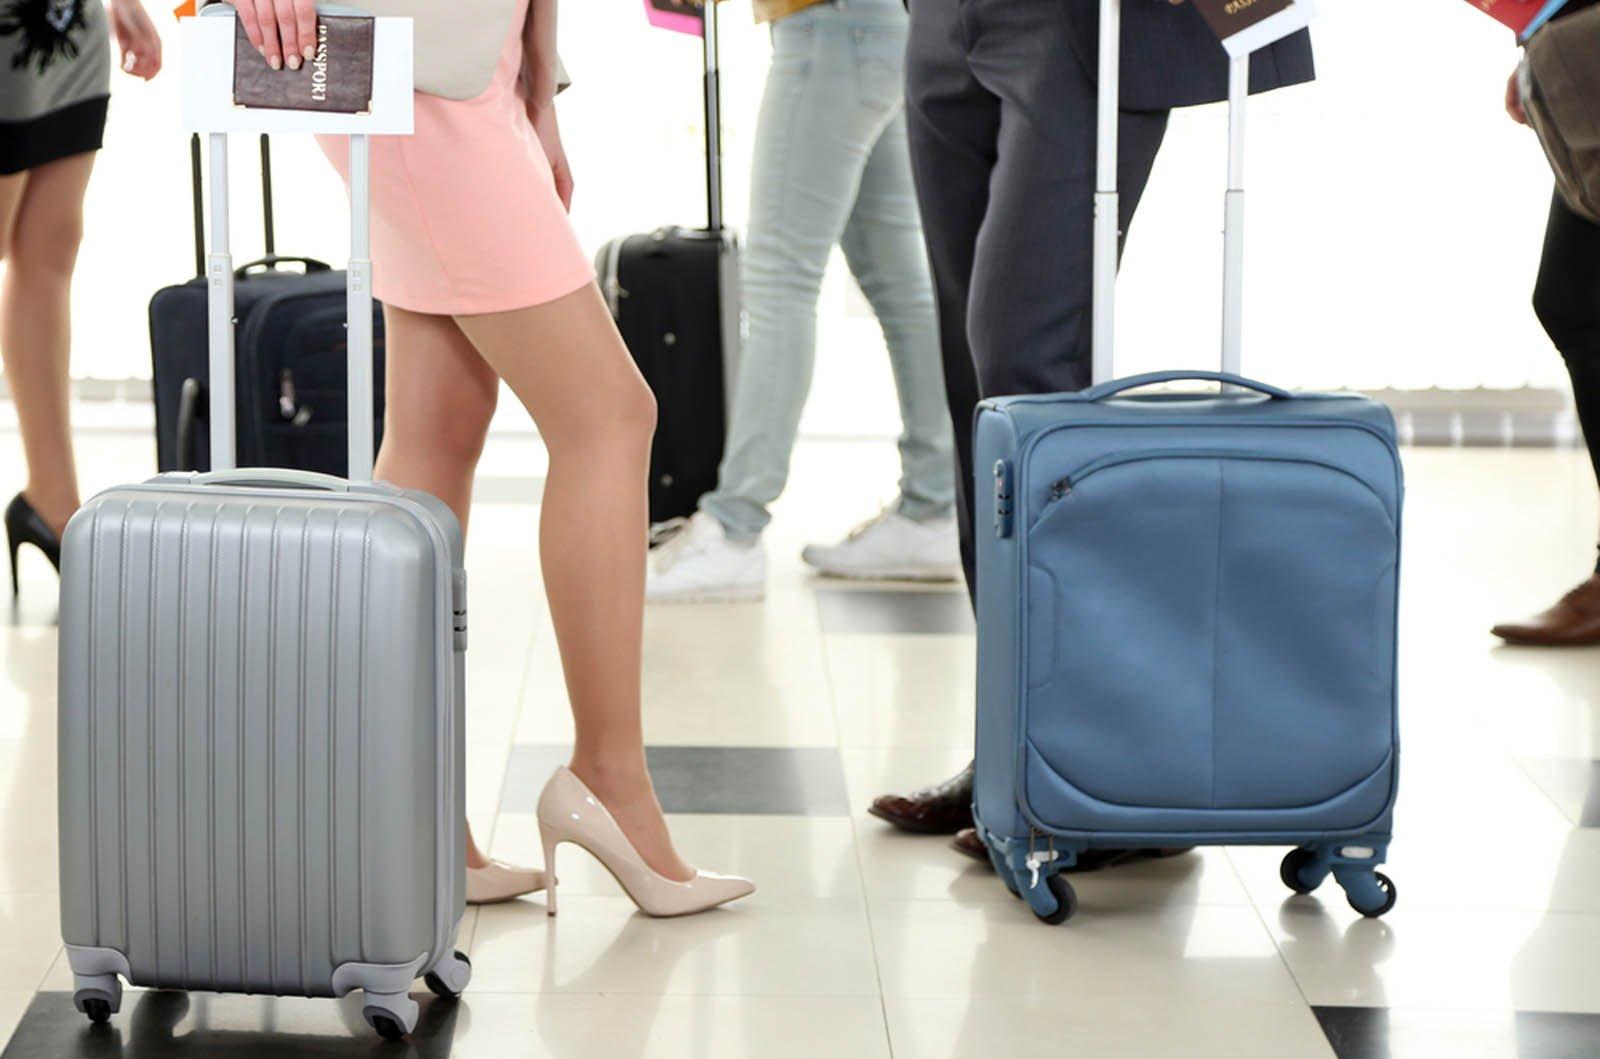 Şoke eden seks araştırması: Havaalanında bir ceketin altında...